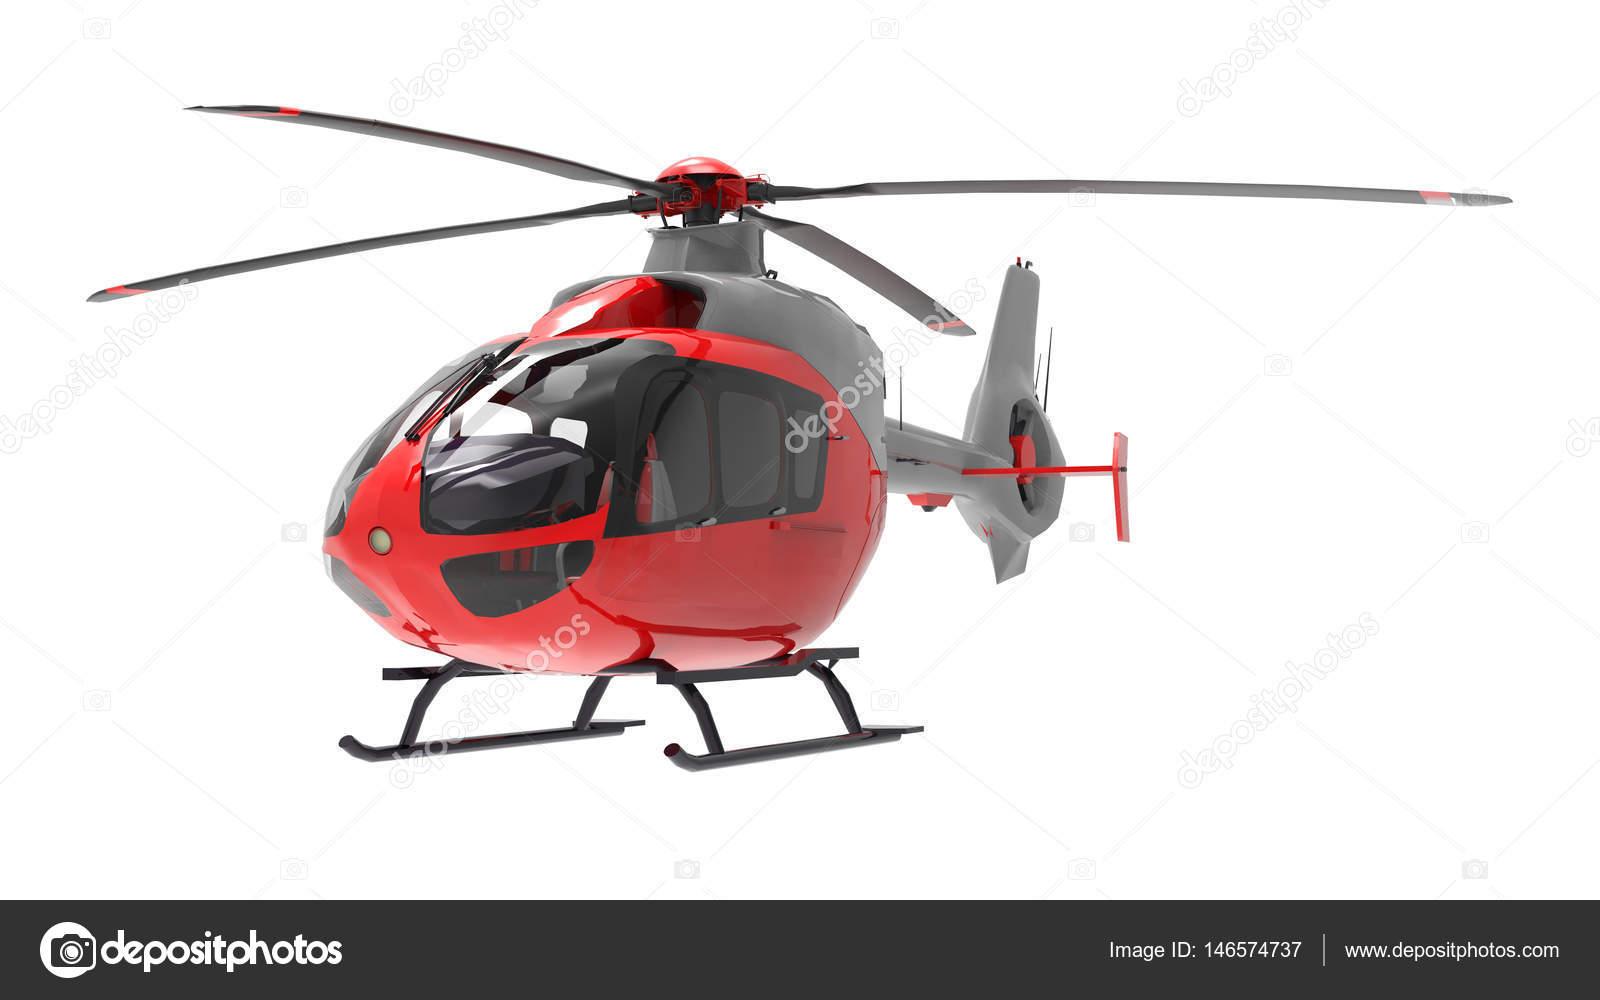 Elicottero 3d Model : Decoriamo un elicottero hh f pelican wallstickers stickers e